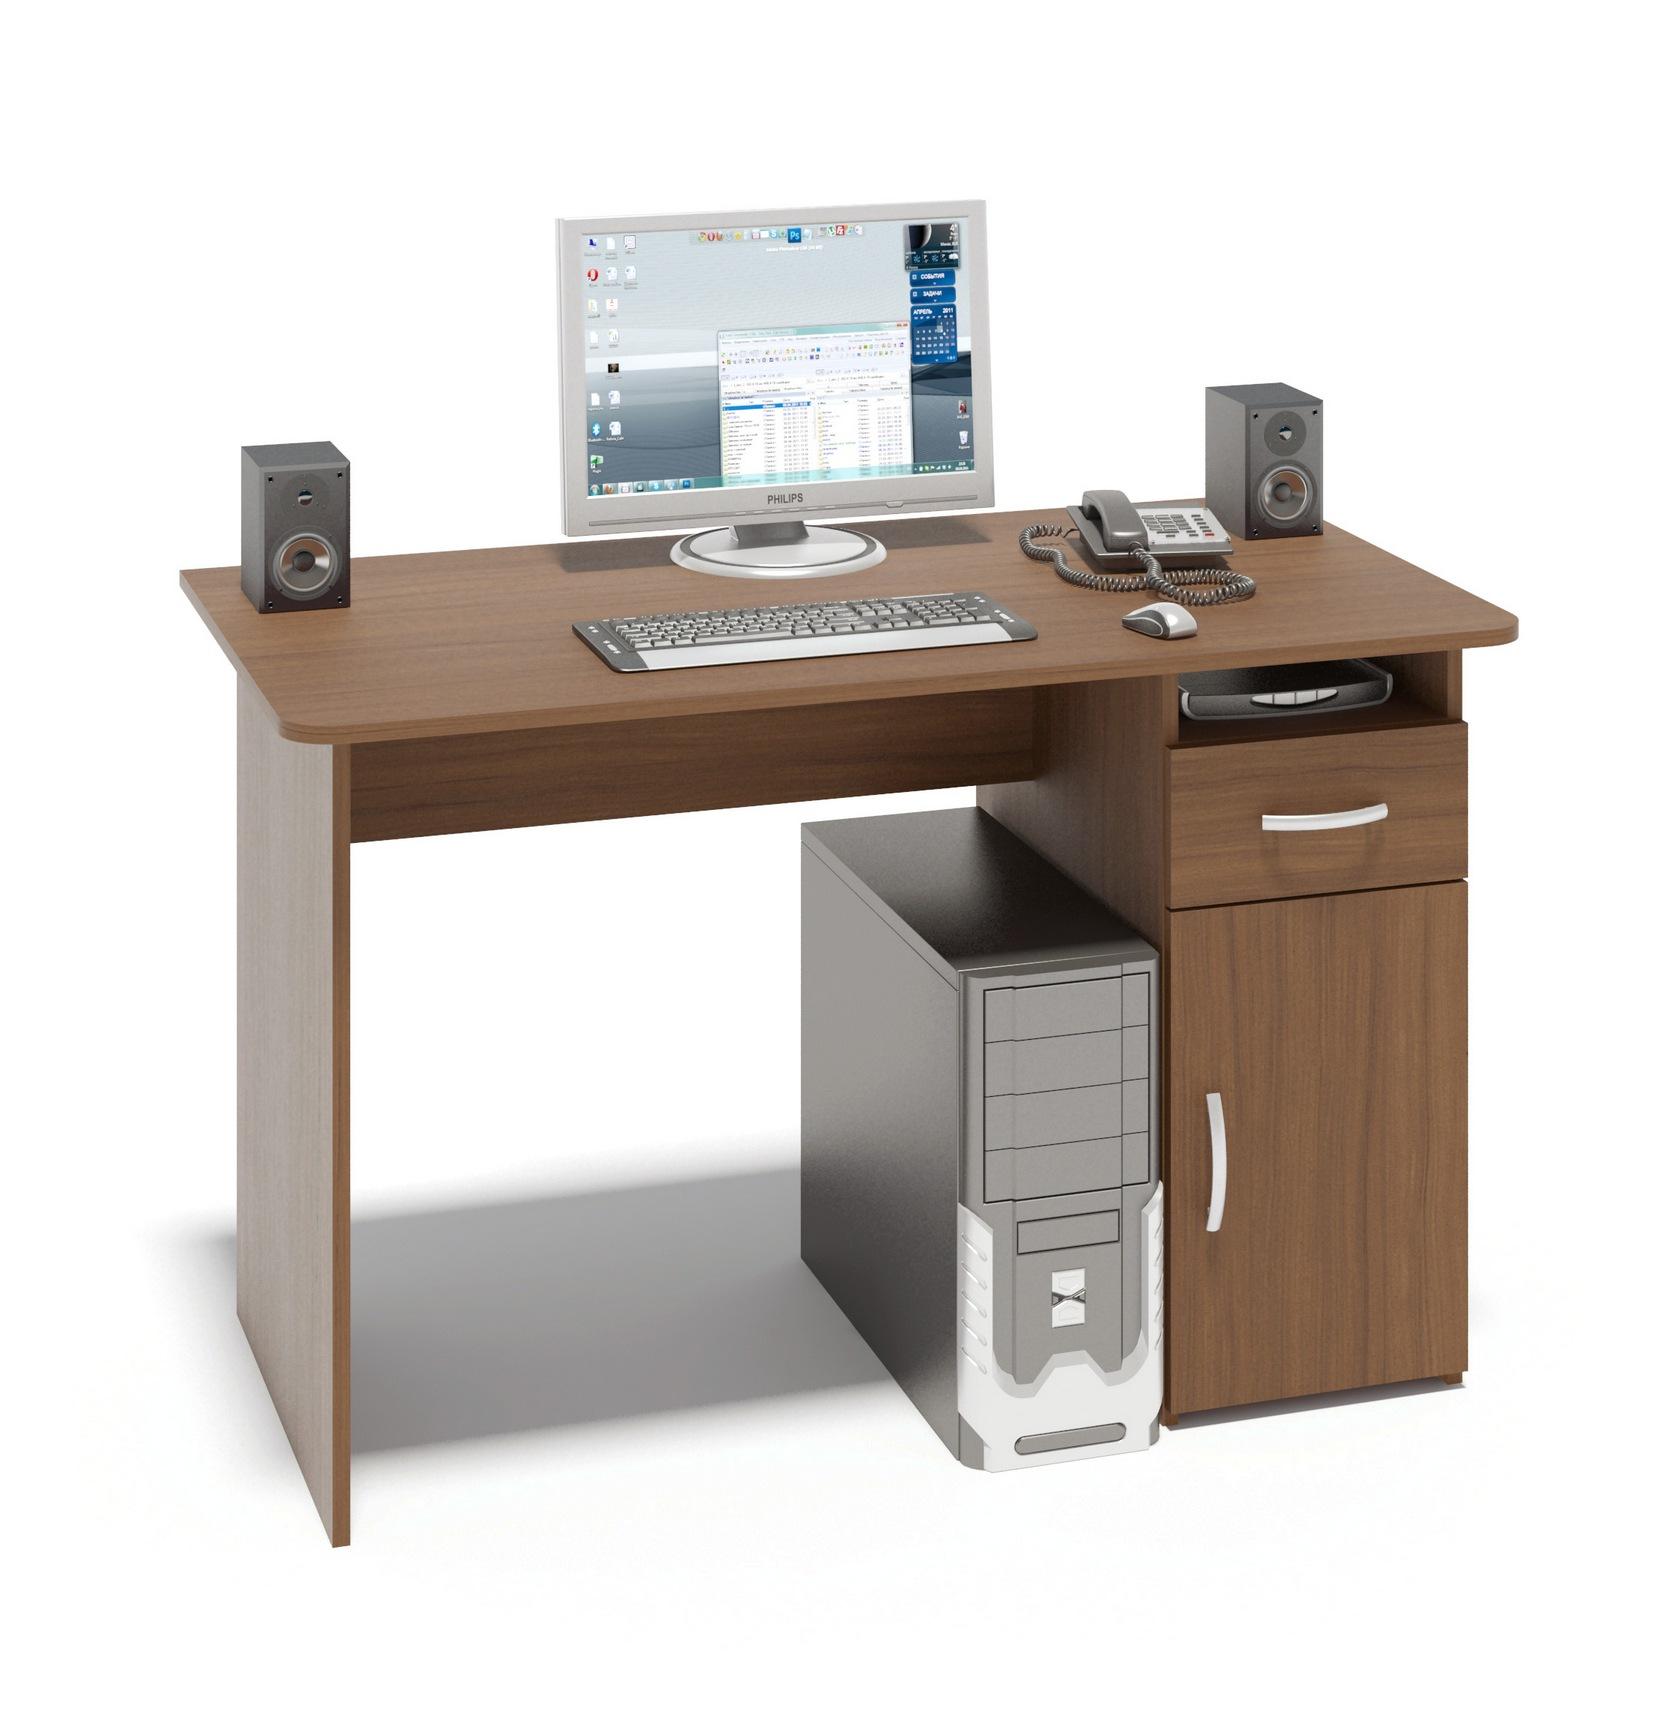 Письменный стол Сокол СПМ-03.1 Ноче-эккоПисьменные столы<br>Габаритные размеры ВхШхГ 740x1200x600 мм. Классический  письменный стол шириной  1200 мм со встроенной тумбой.  Просторная столешница позволит удобно расположиться за столом и работать с большим объемом документов.  Тумба оснащена  открытой нишей, выдвижным  ящиком и закрытой полкой. Внутренний размер ящика составляет 382 х 223 мм, что позволит разместить в нем документы формата А4, канцелярские принадлежности и необходимые мелочи. Стол универсален при сборке (вы можете расположить тумбу как справа, так и слева). Стол изготовлен из высококачественного ламинированного ДСП  российского производства толщиной 16 мм, края столешницы скруглены и отделаны противоударным кромкой ПВХ.  Изделие поставляется в разобранном виде.  Хорошо упаковано в гофротару вместе с необходимой фурнитурой и подробной инструкцией по сборке.  Простой строгий стол прекрасно впишется в интерьер комнаты или офиса.  Рекомендуем сохранить инструкцию по сборке (паспорт изделия) до истечения гарантийного срока.<br><br>Цвет: Ноче-экко<br>Цвет: Коричневое дерево<br>Высота мм: 740<br>Ширина мм: 1200<br>Глубина мм: 600<br>Кол-во упаковок: 1<br>Форма поставки: В разобранном виде<br>Срок гарантии: 2 года<br>Тип: Прямые<br>Материал: Деревянные, из ЛДСП<br>Размер: Большие, Шириной 120 см<br>Особенности: С ящиками, Без надстройки, С тумбой<br>Стиль: Современный, Модерн